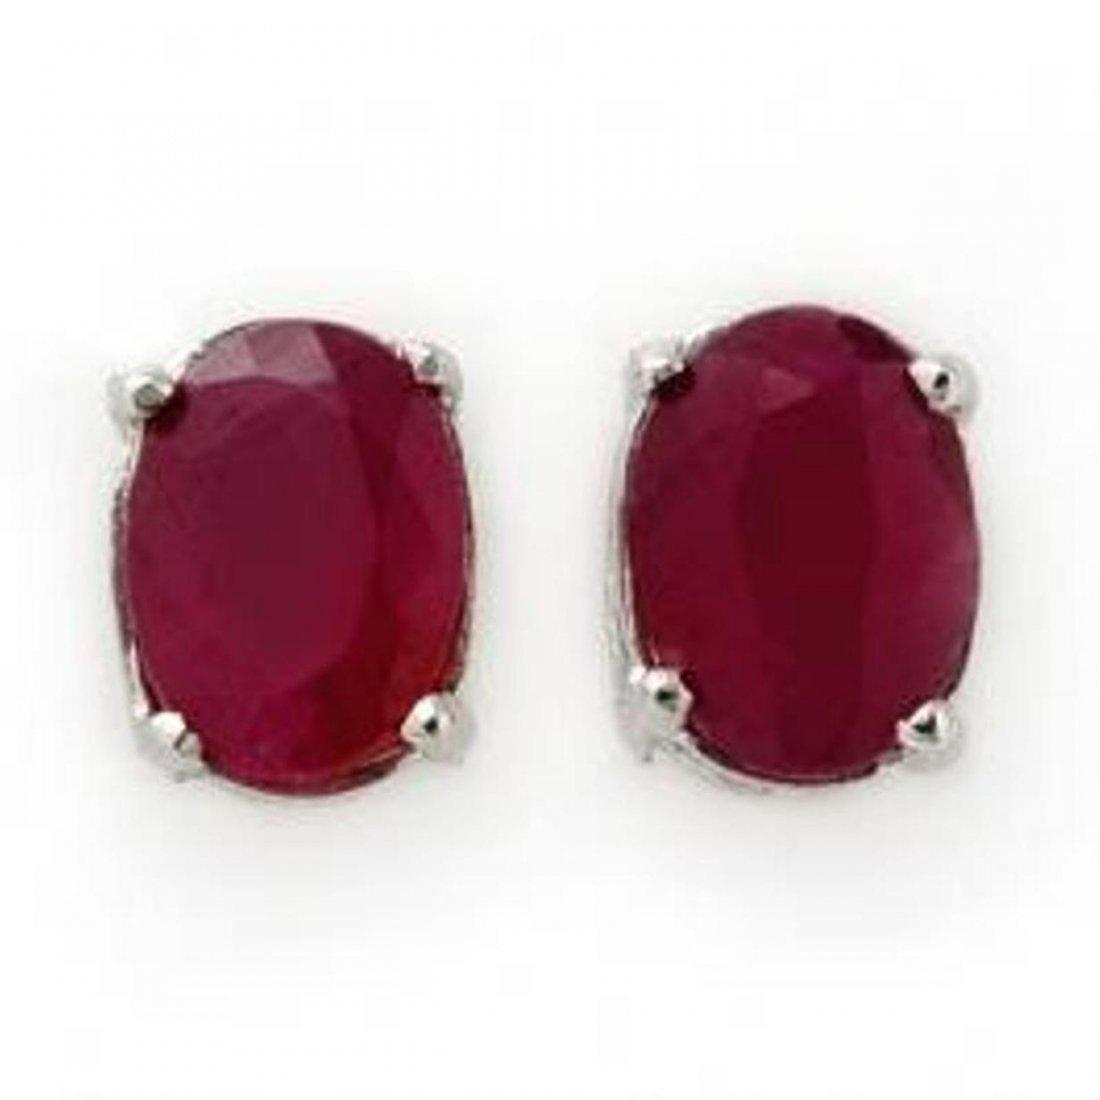 7J: 1.50 ctw Ruby Stud Earrings 14K